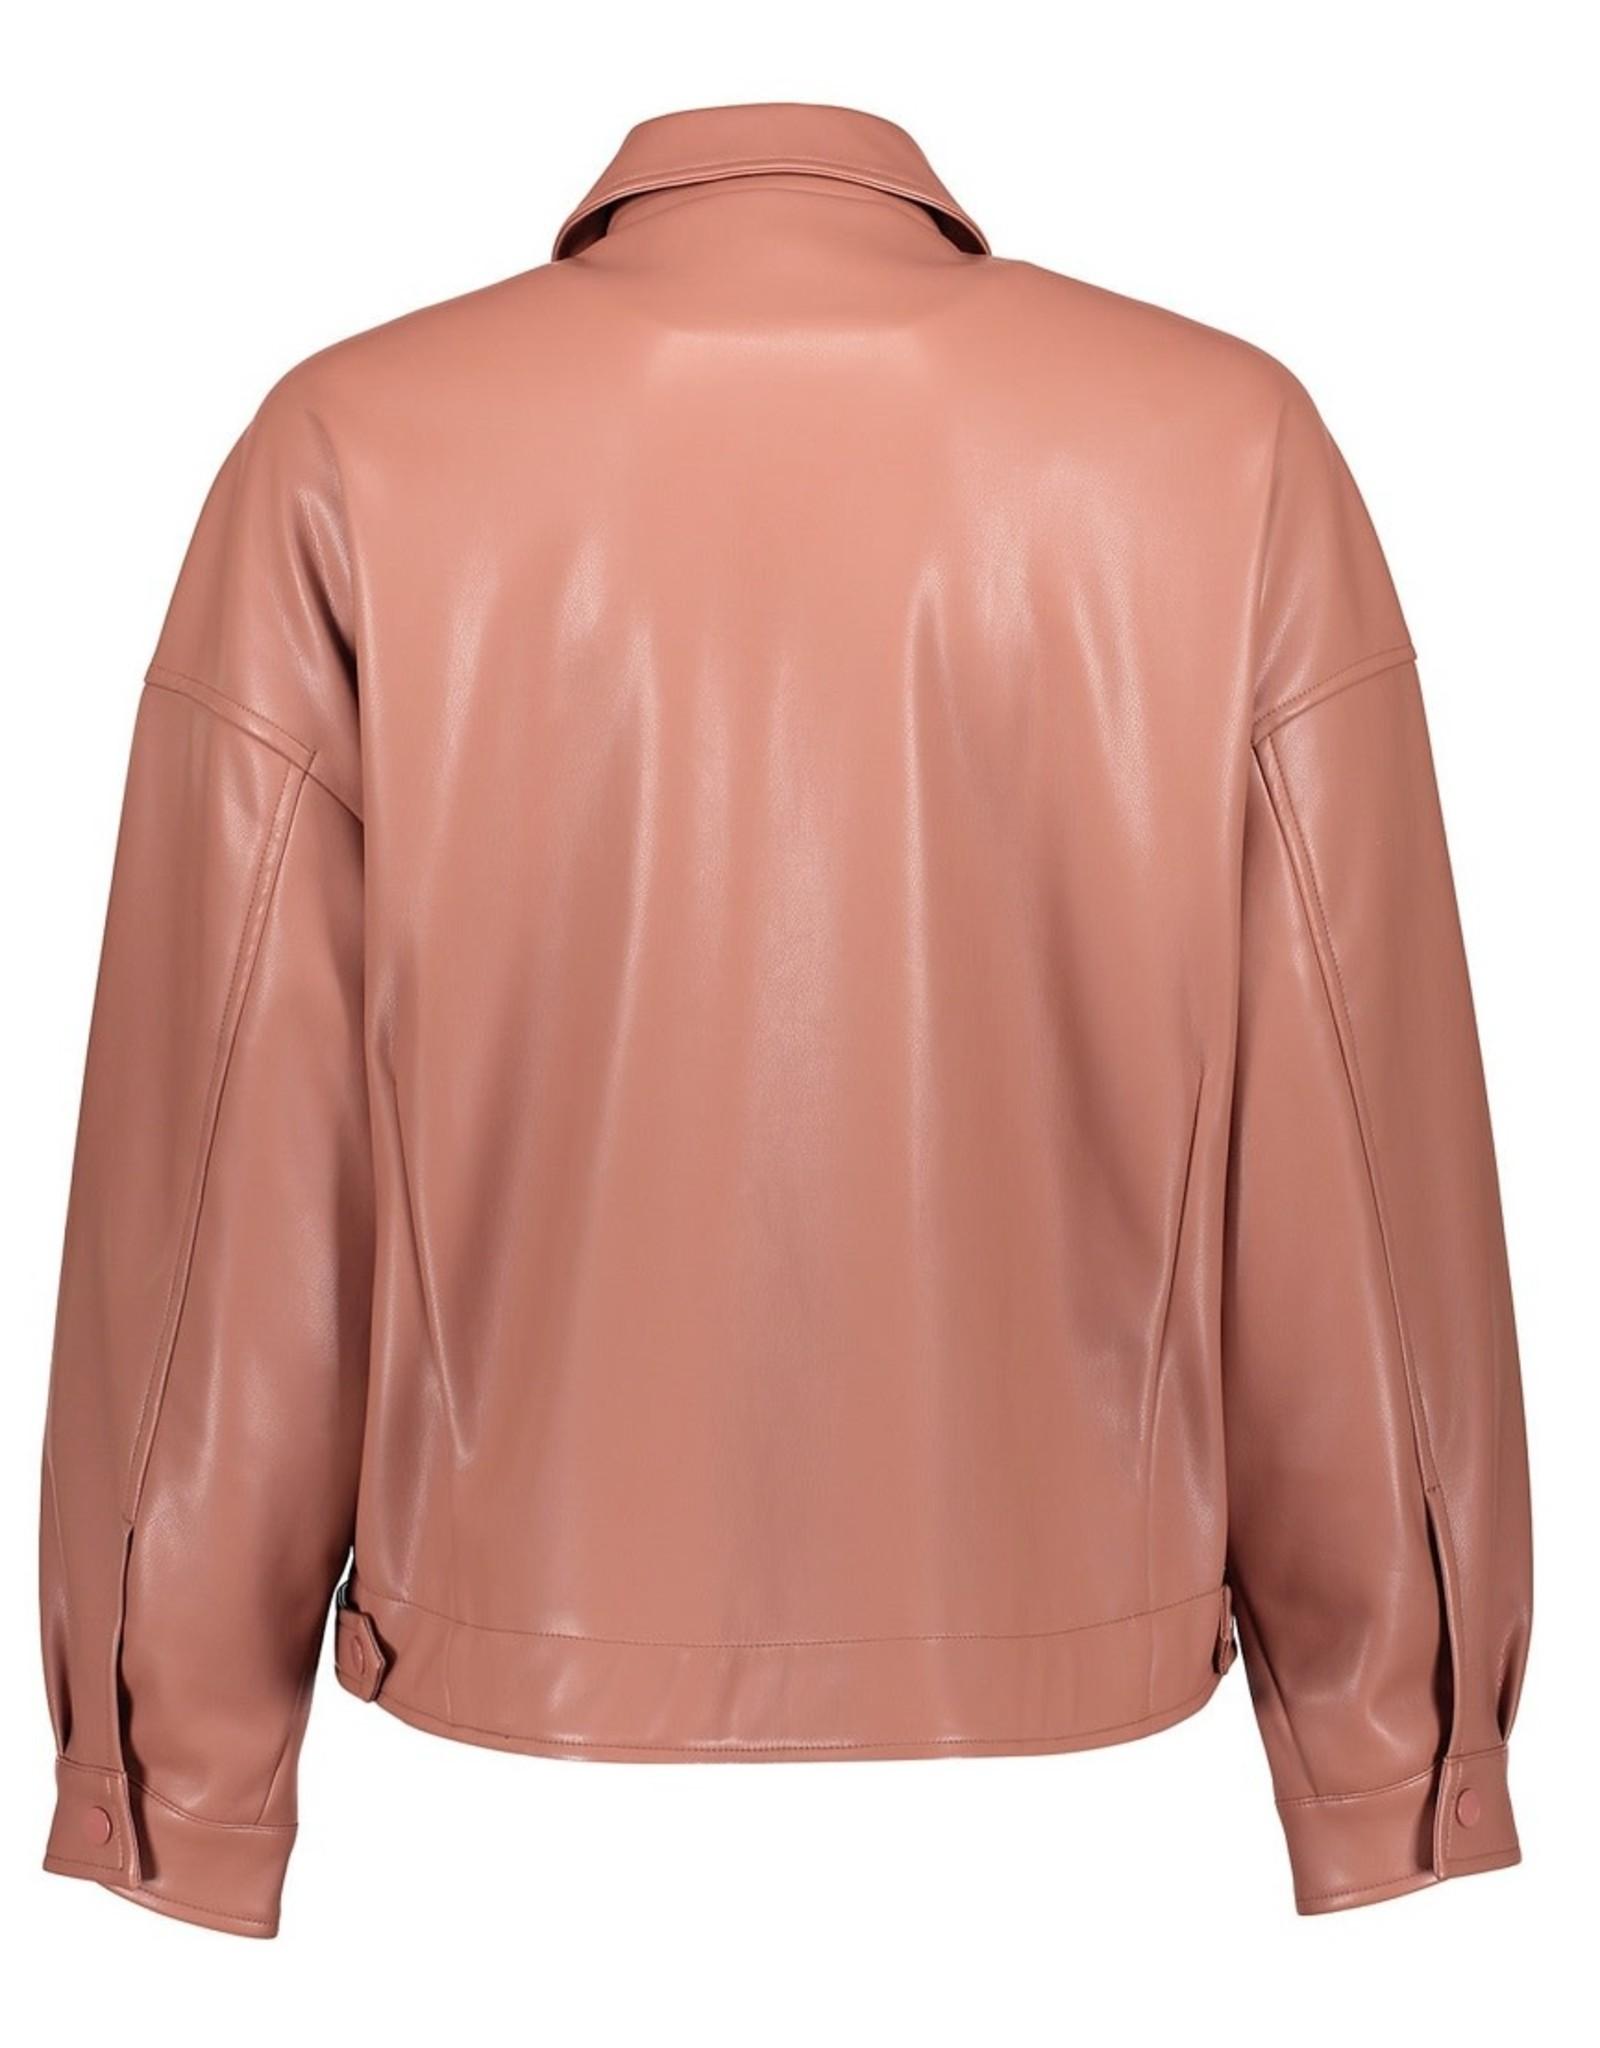 Geisha Geisha jacket 495 roze